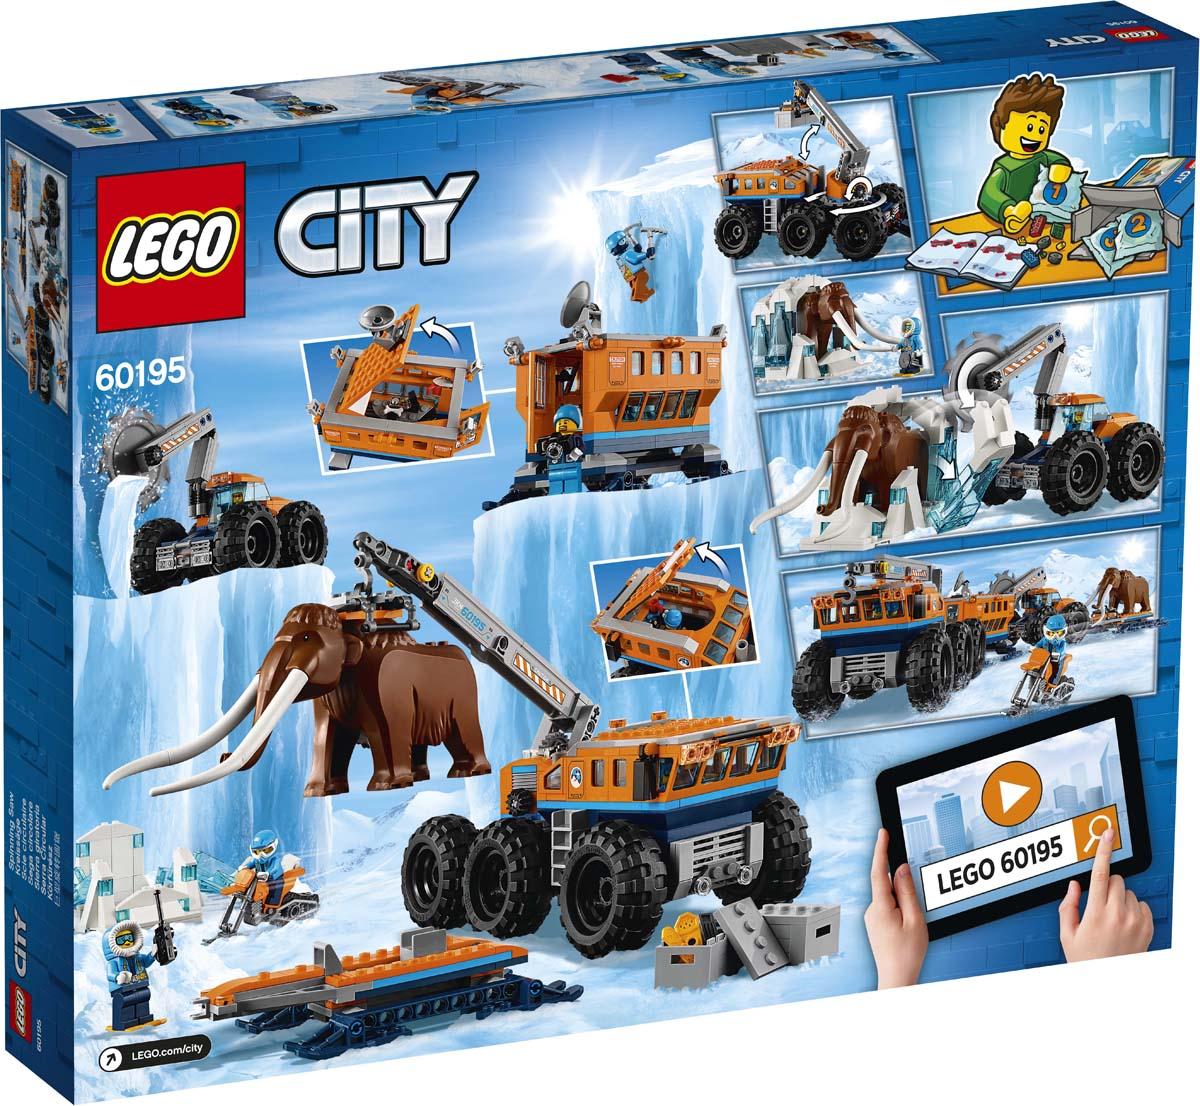 LEGO City Arctic Expedition Конструктор Передвижная арктическая база 60195 цены онлайн